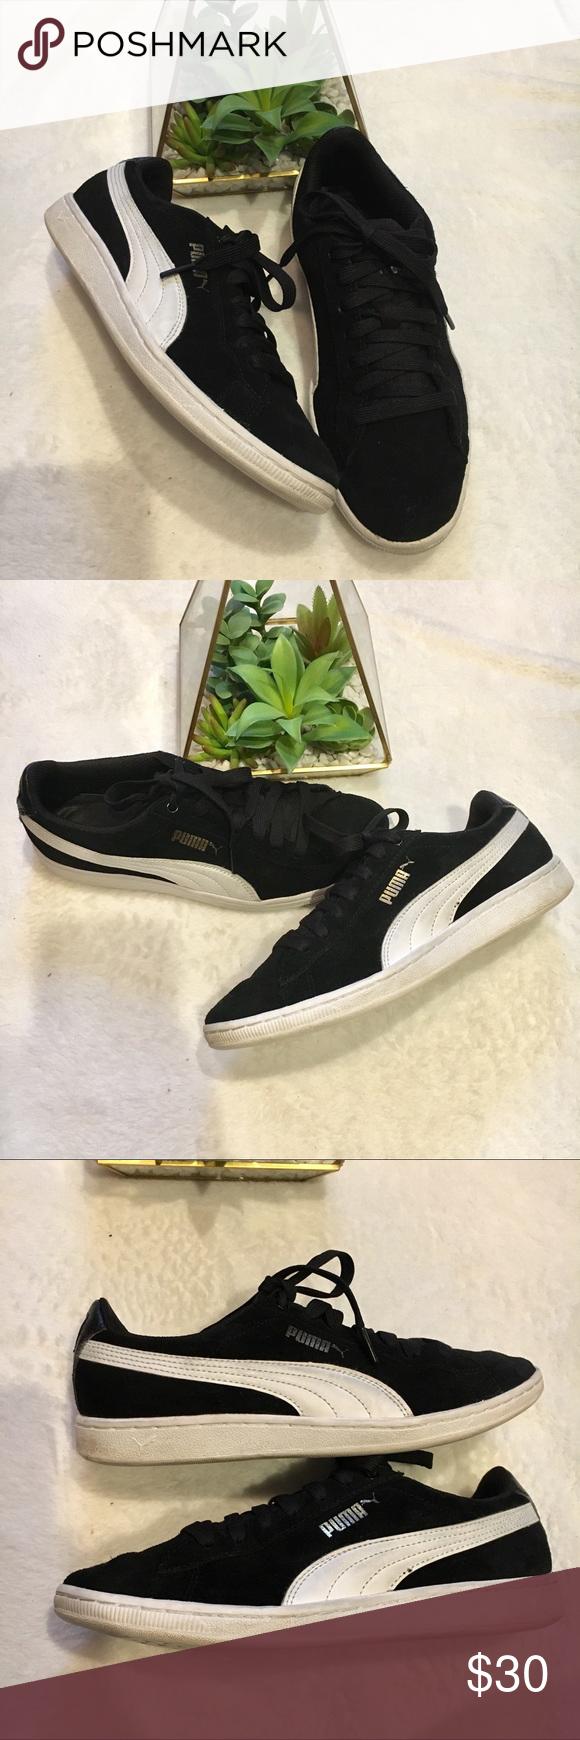 Puma Suede Memory Foam Sneakers | Puma